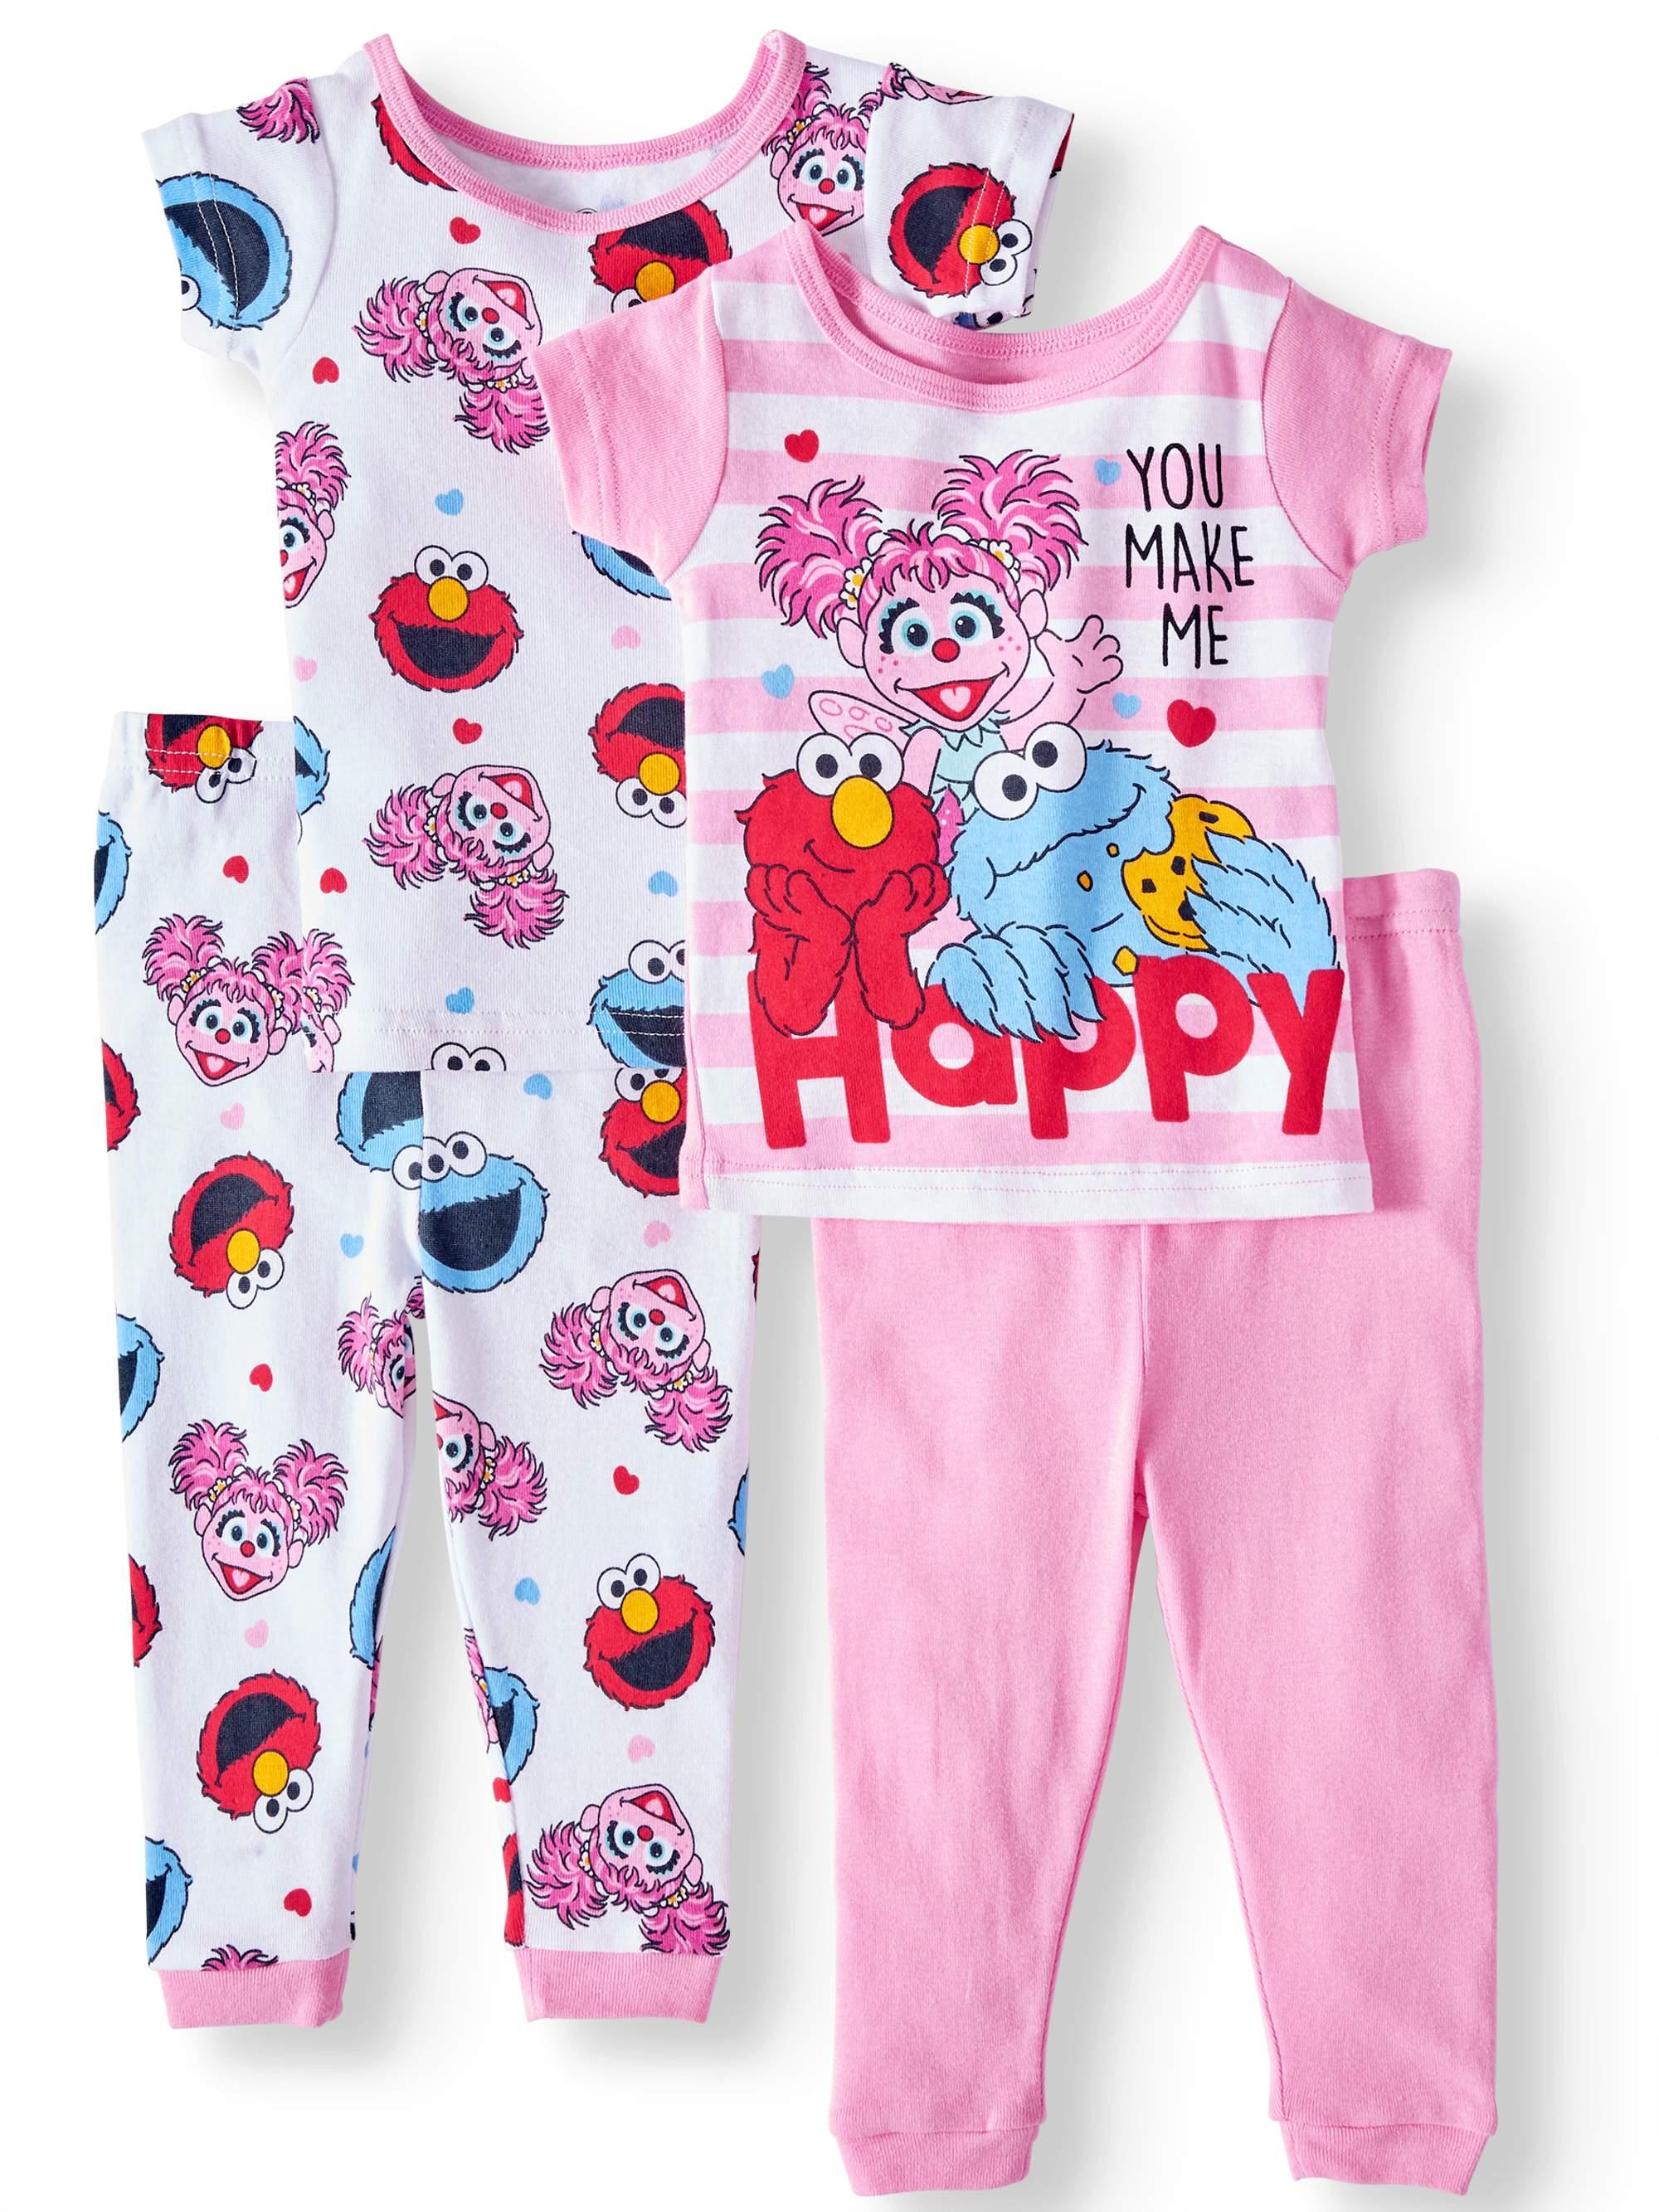 Baby Girls' Cotton Tight Fit Pajamas, 4-Piece Set